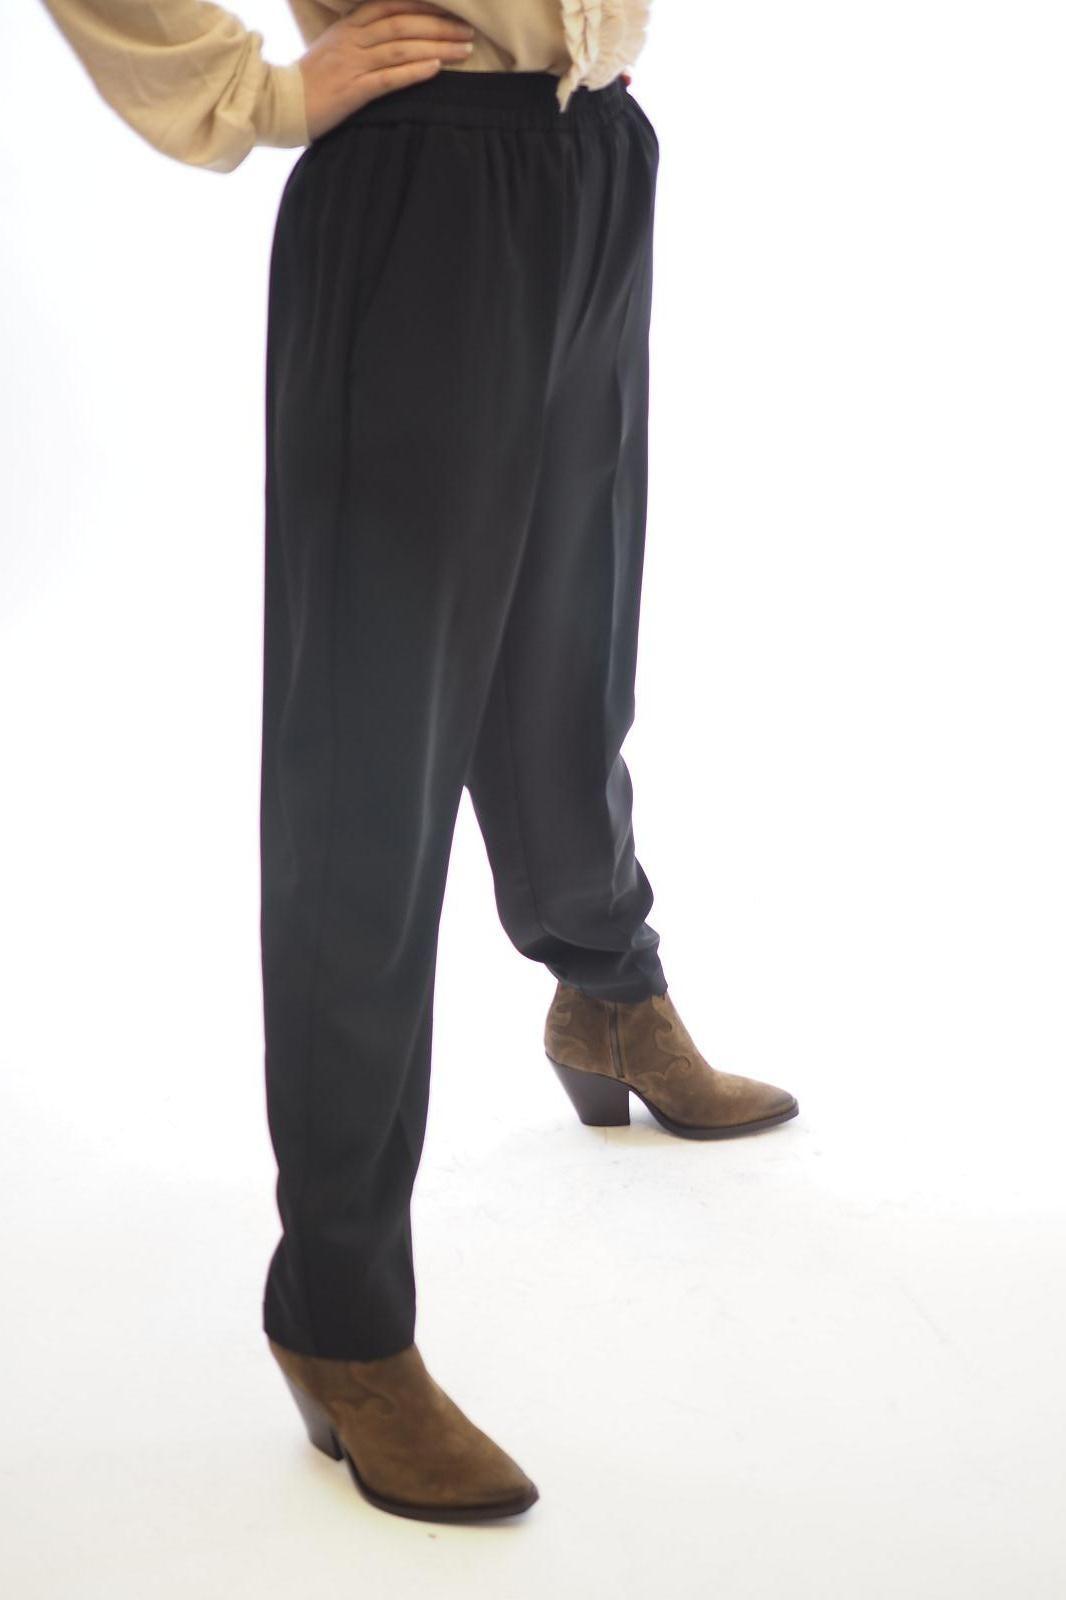 Poches Aone Max Pantalon d/équitation classique et /él/égant pour femme Coton denim extensible // Spandex Tissu Lycra Tissu suppl/émentaire au niveau des genoux